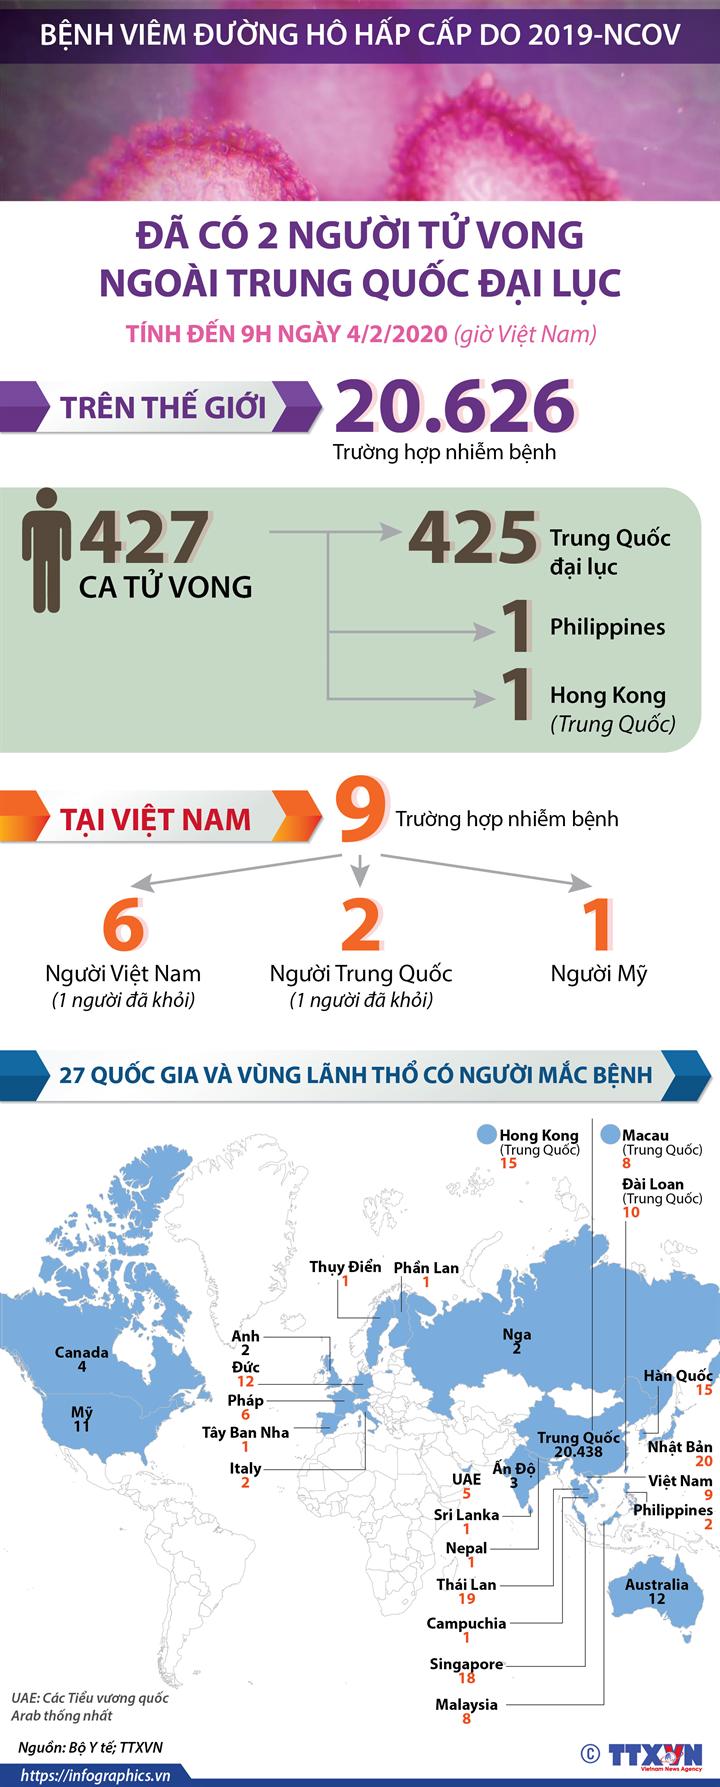 Đã có 2 người tử vong ngoài Trung Quốc đại lục